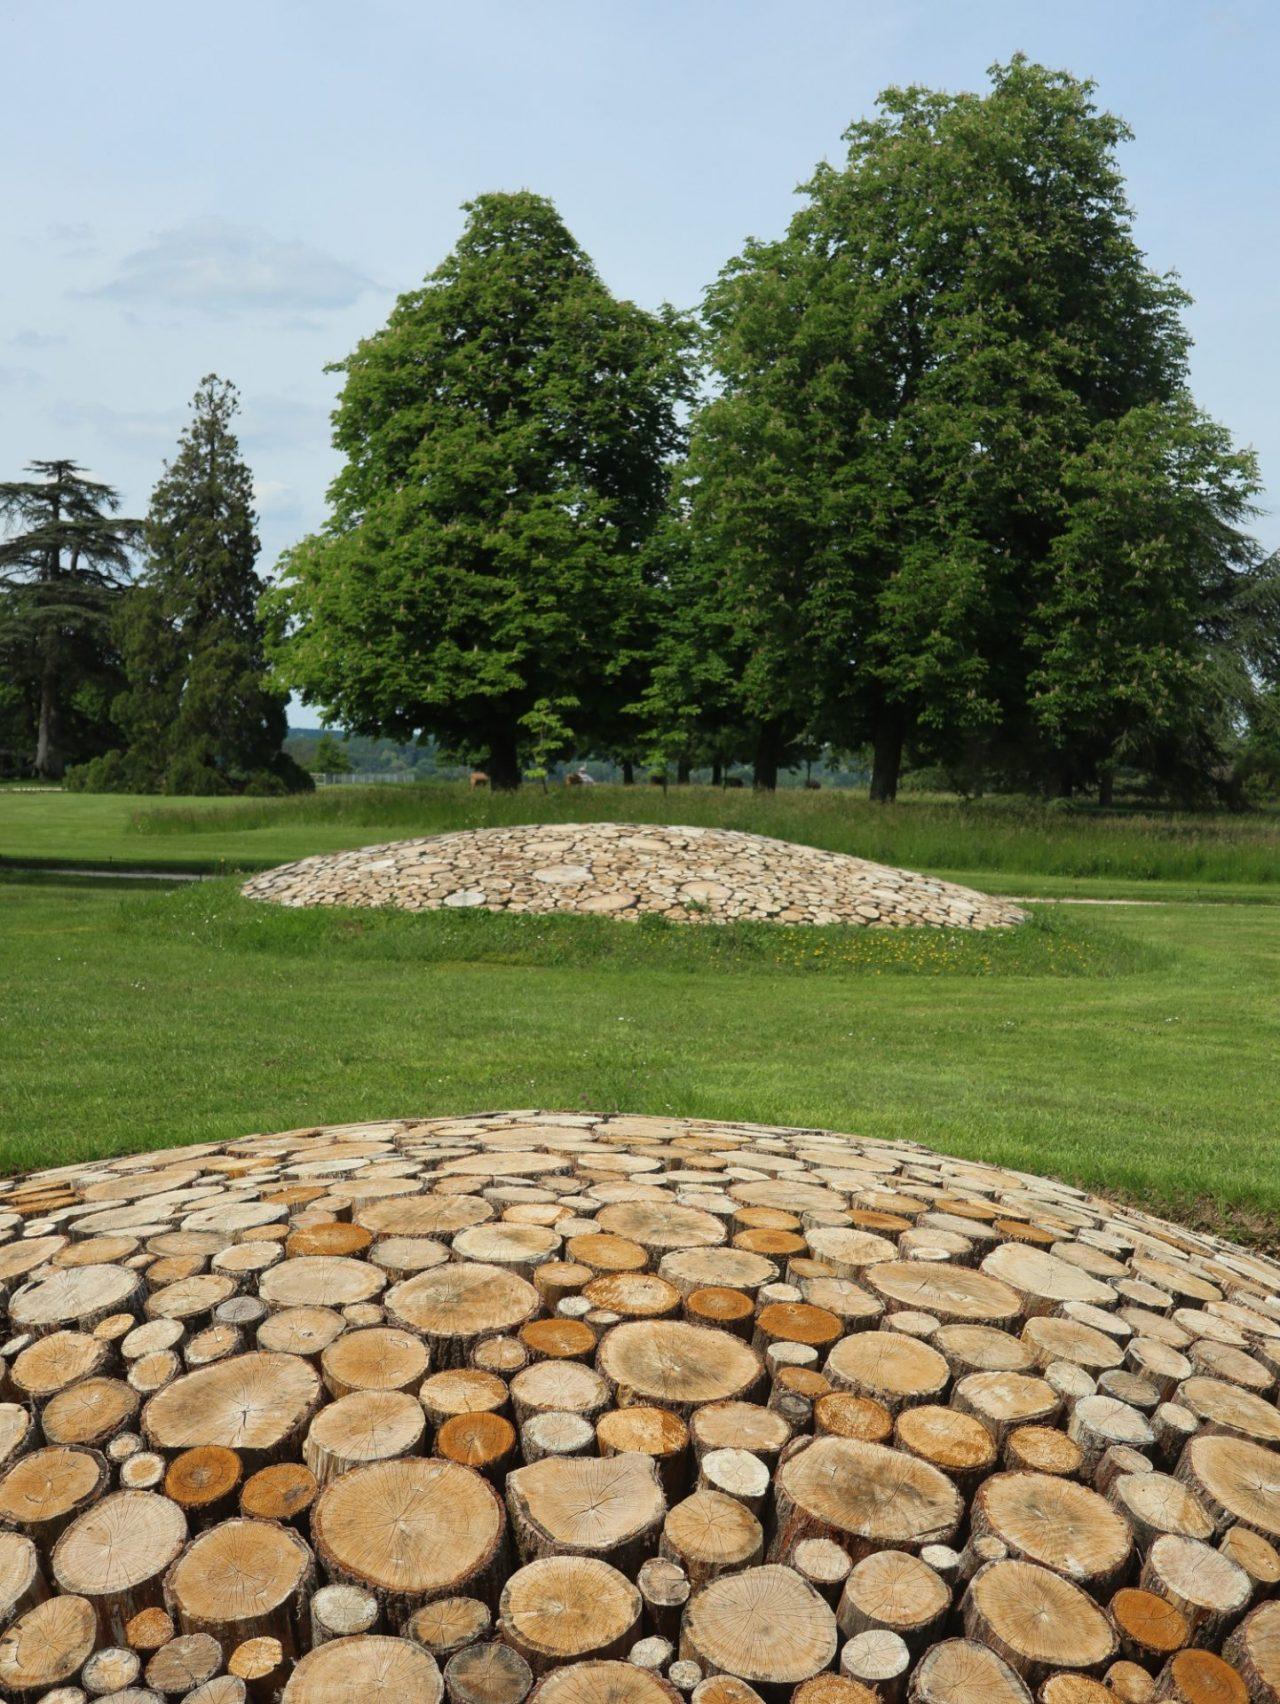 val-de-loire-domaine-chaumont-sur-loire-centre-art-et-nature-installation-armin-schubert